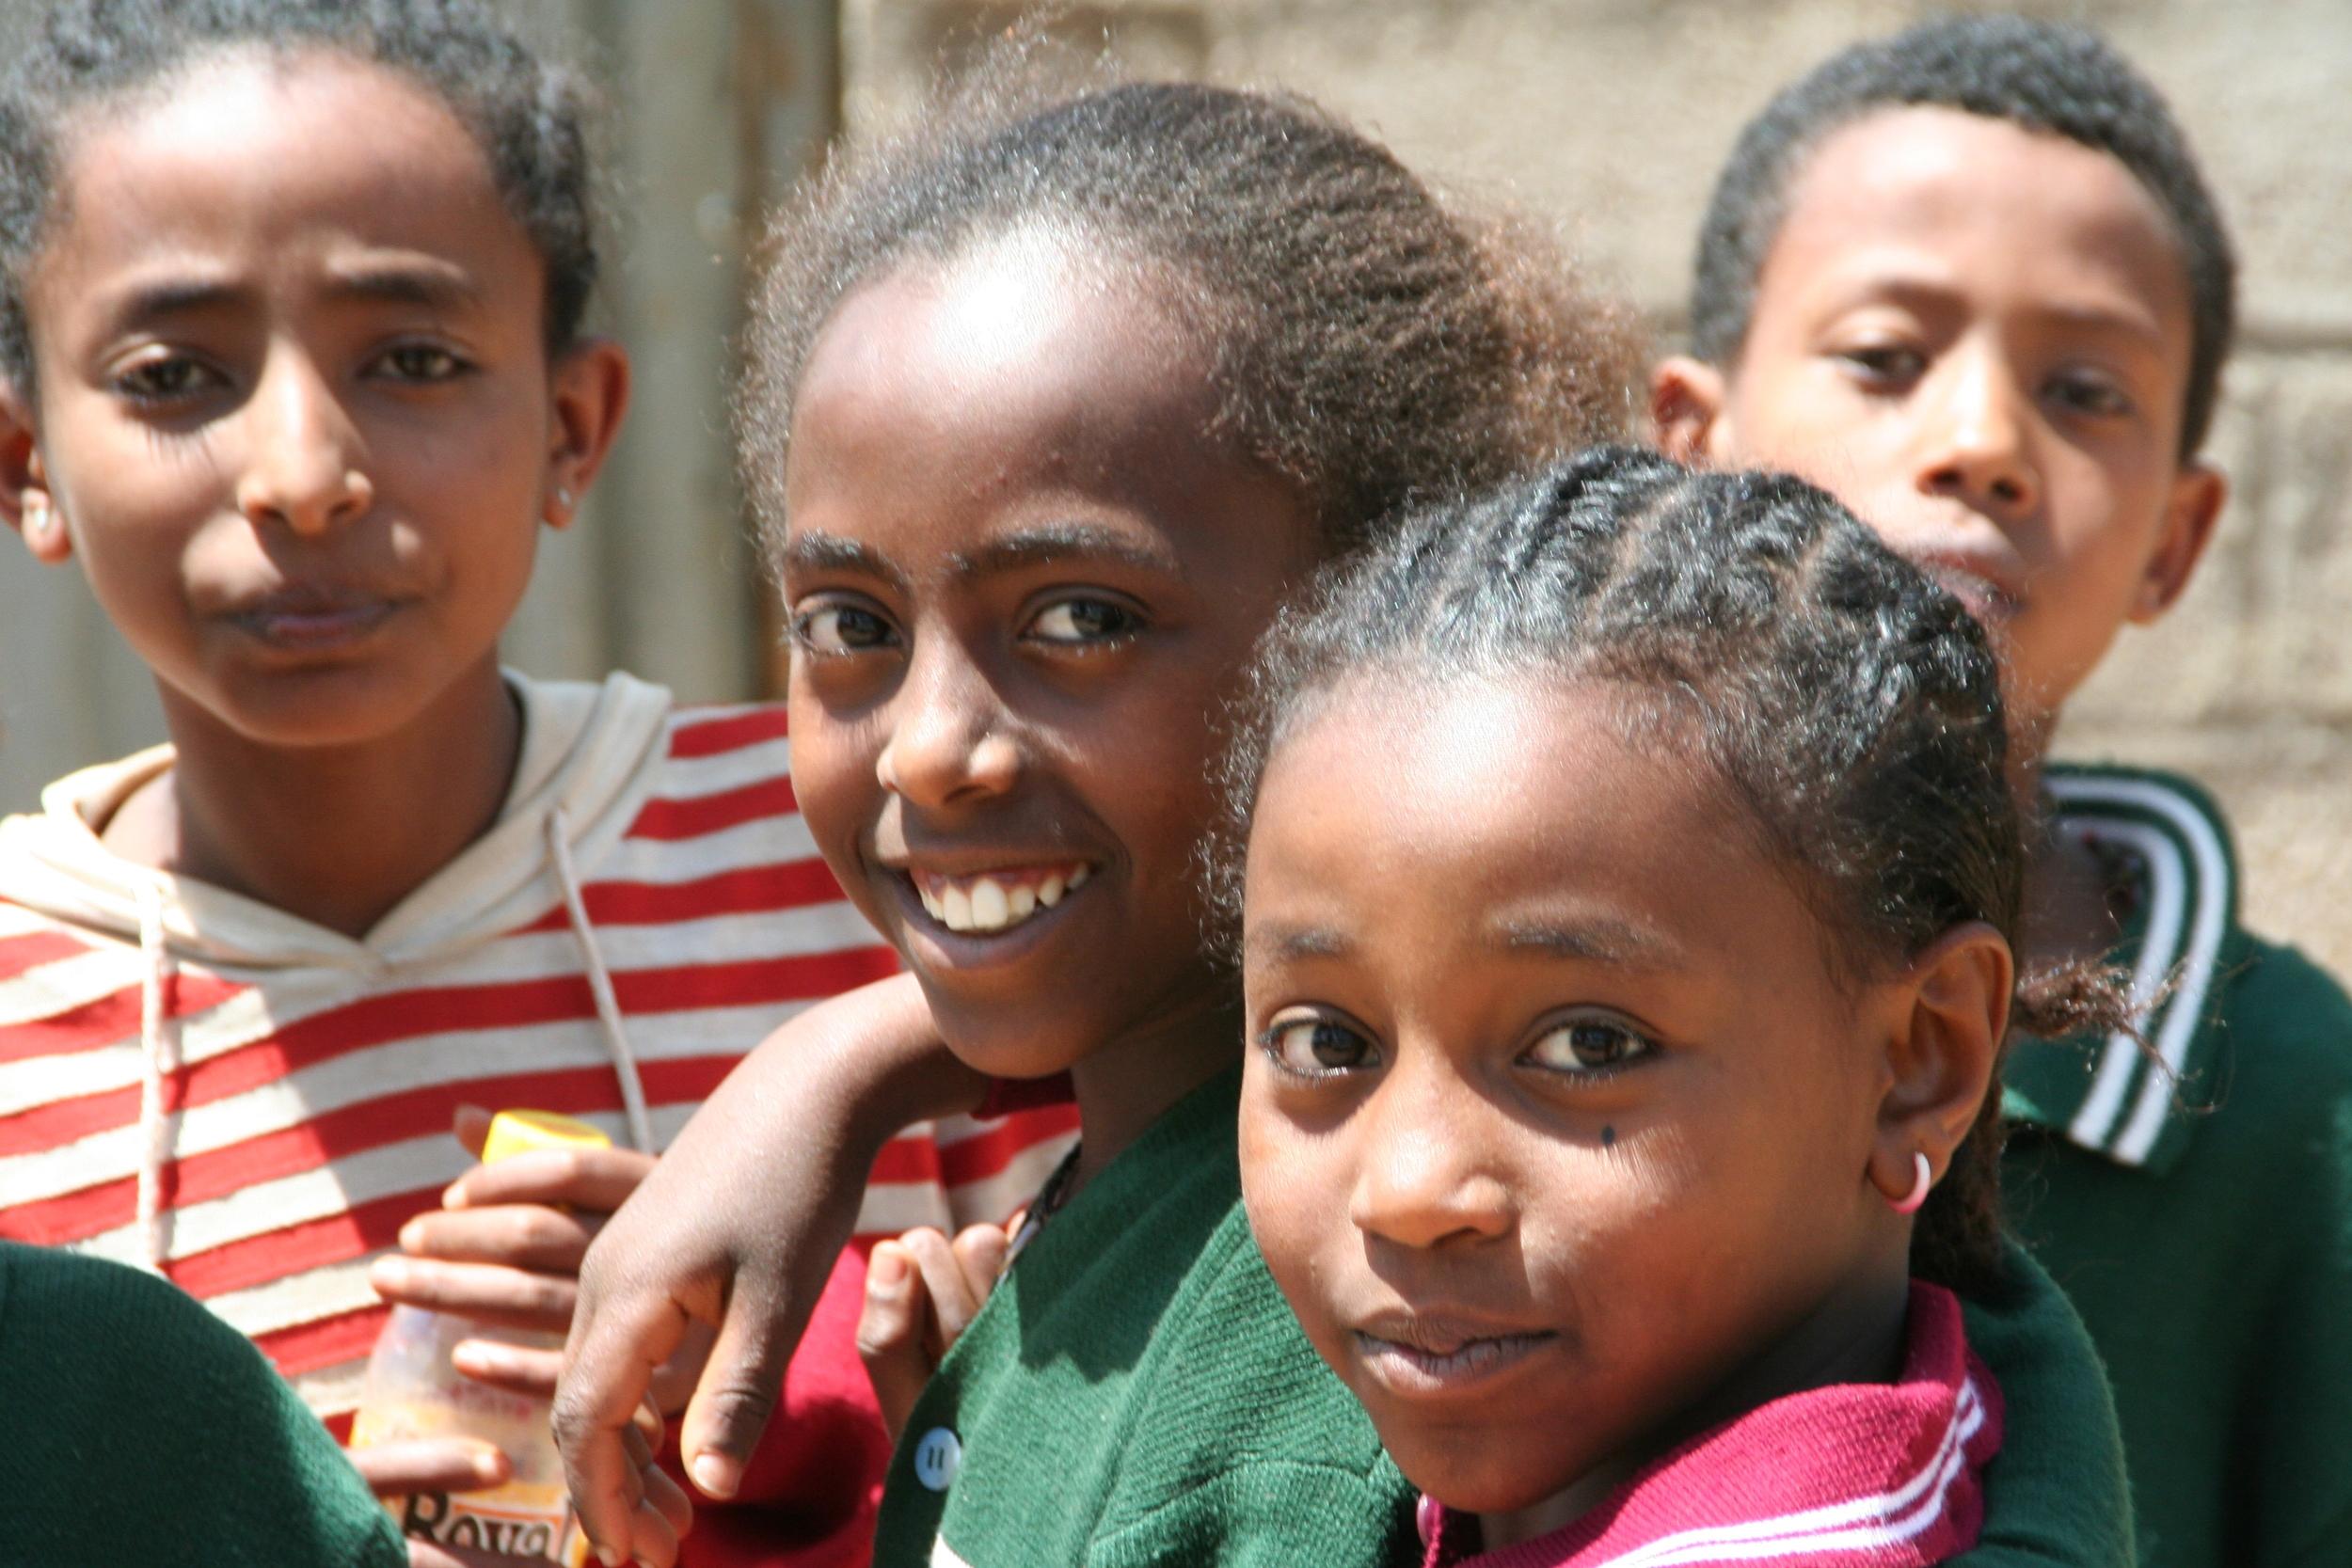 The children of ethiopia